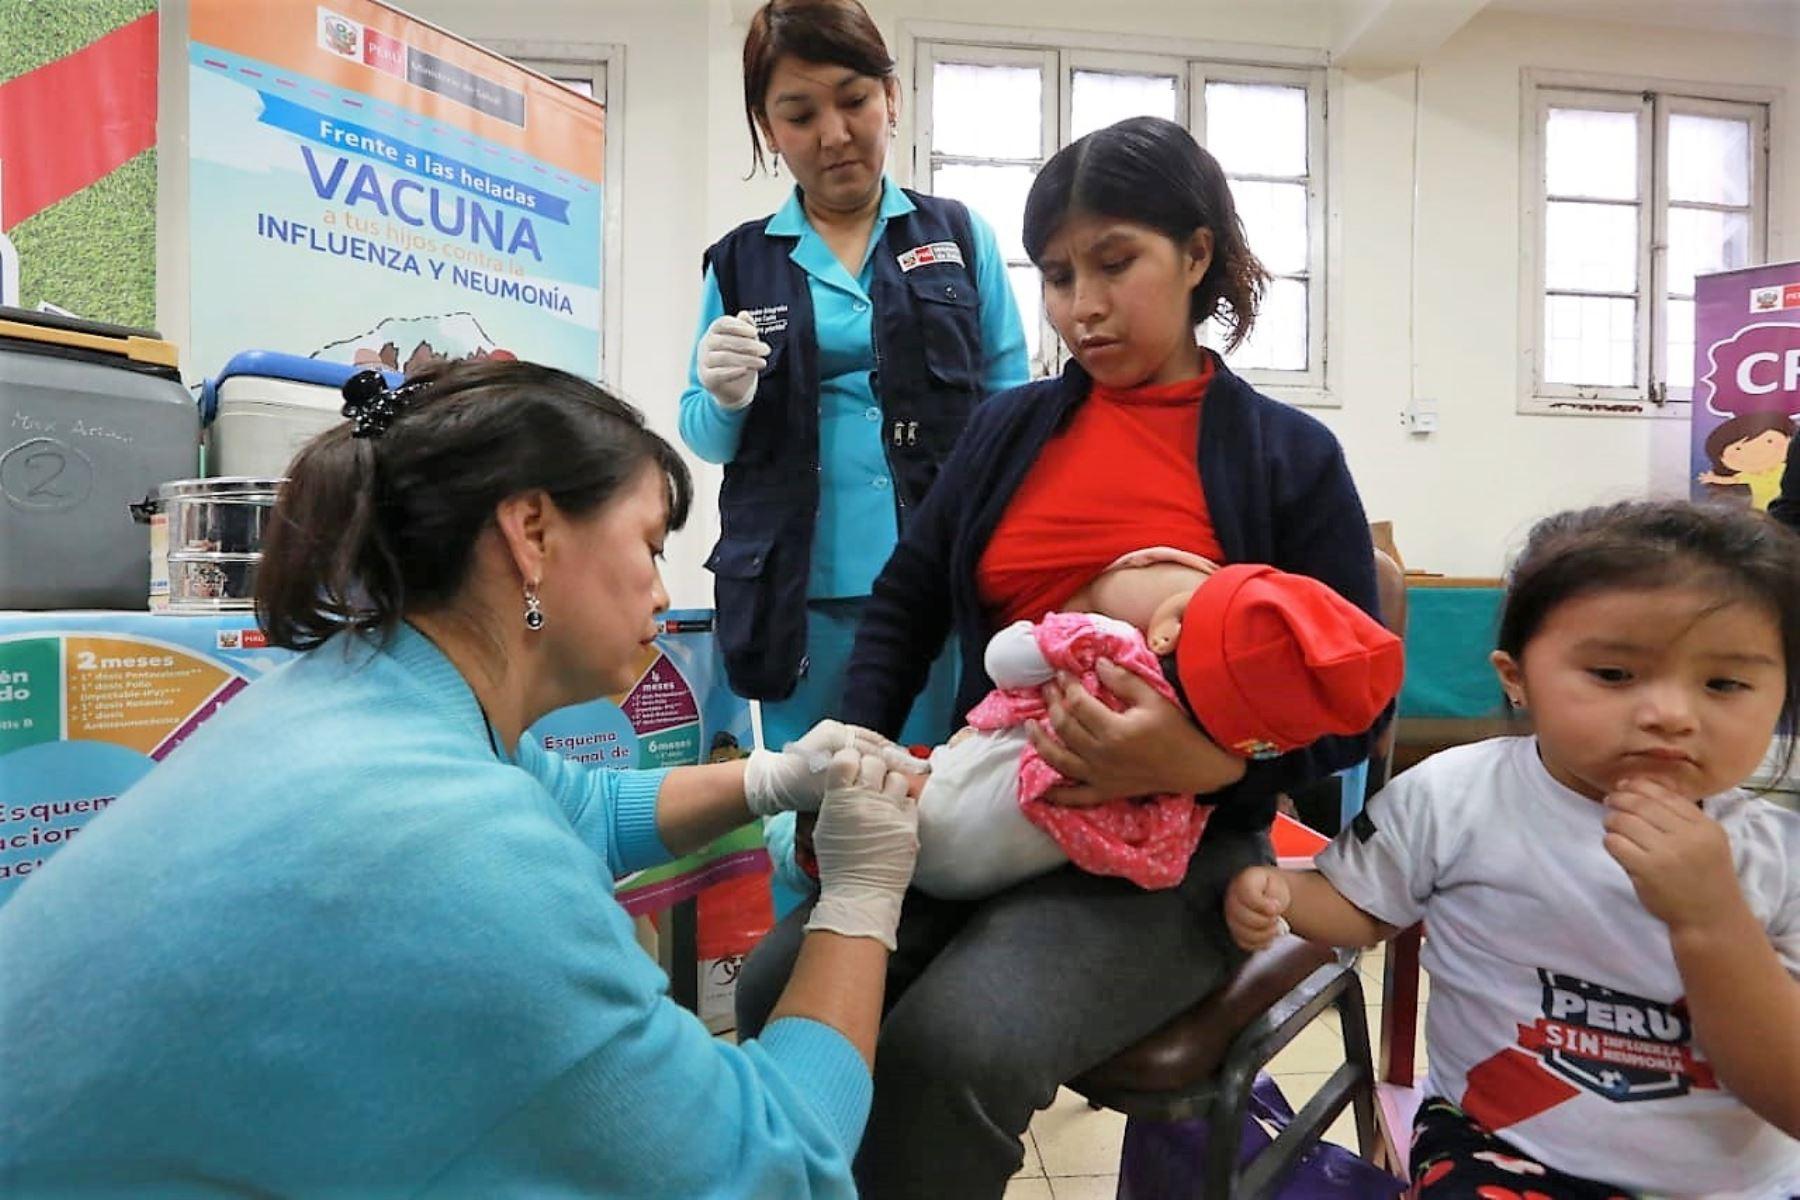 Las 6 mejores jugadas para ganarle el partido a la influenza y neumonía. Foto: ANDINA/Difusión.